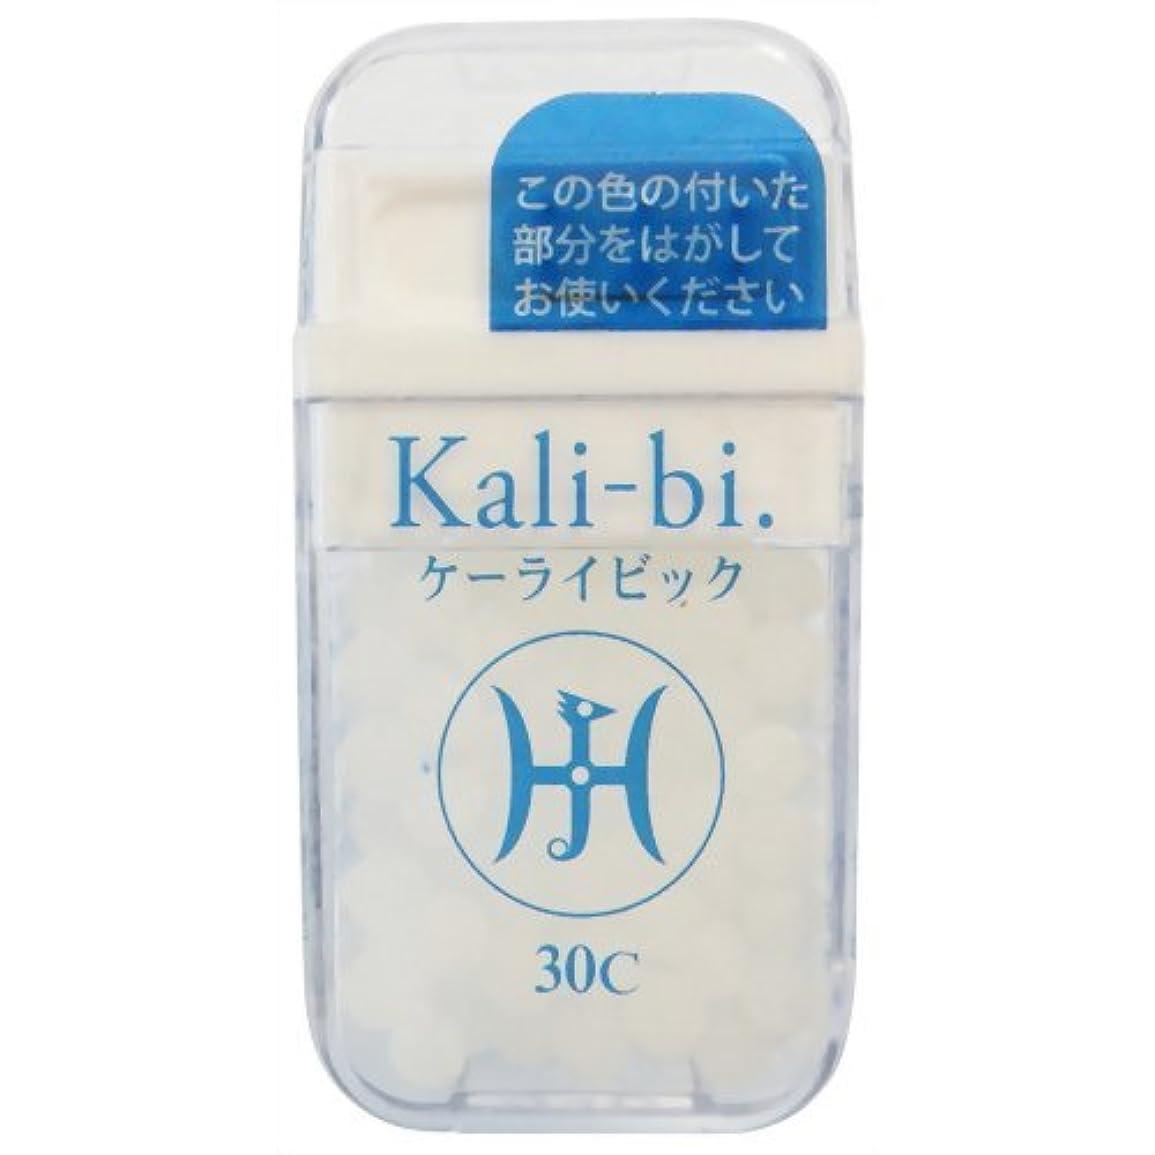 歩道累積ランダムホメオパシージャパンレメディー Kali-bi.  ケーライビック 30C (大ビン)